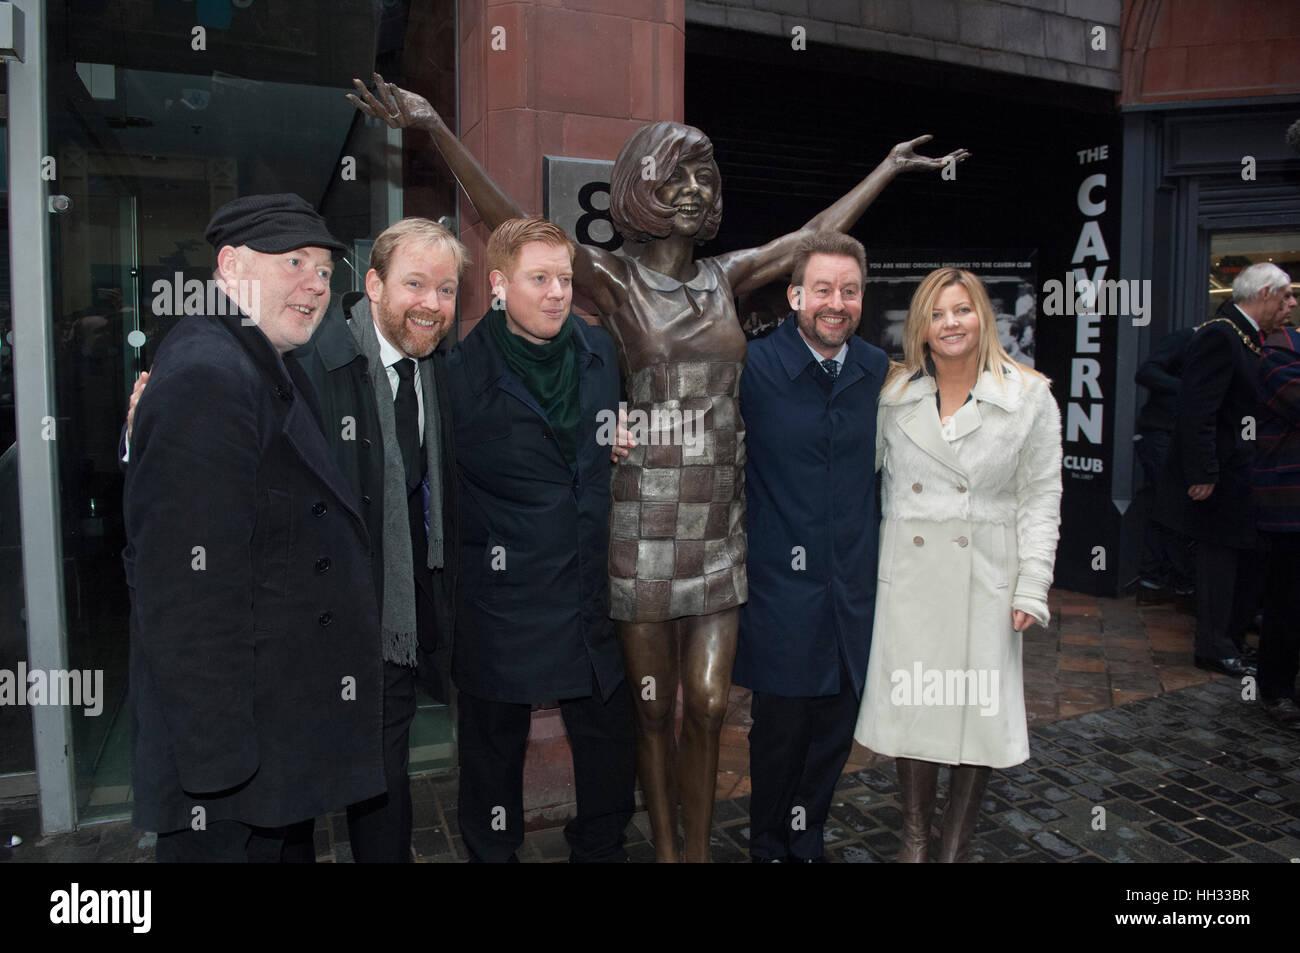 Liverpool, Großbritannien. 16. Januar 2017. Jack, Ben und Robert Willis, Söhne des verstorbenen Star, Stockbild